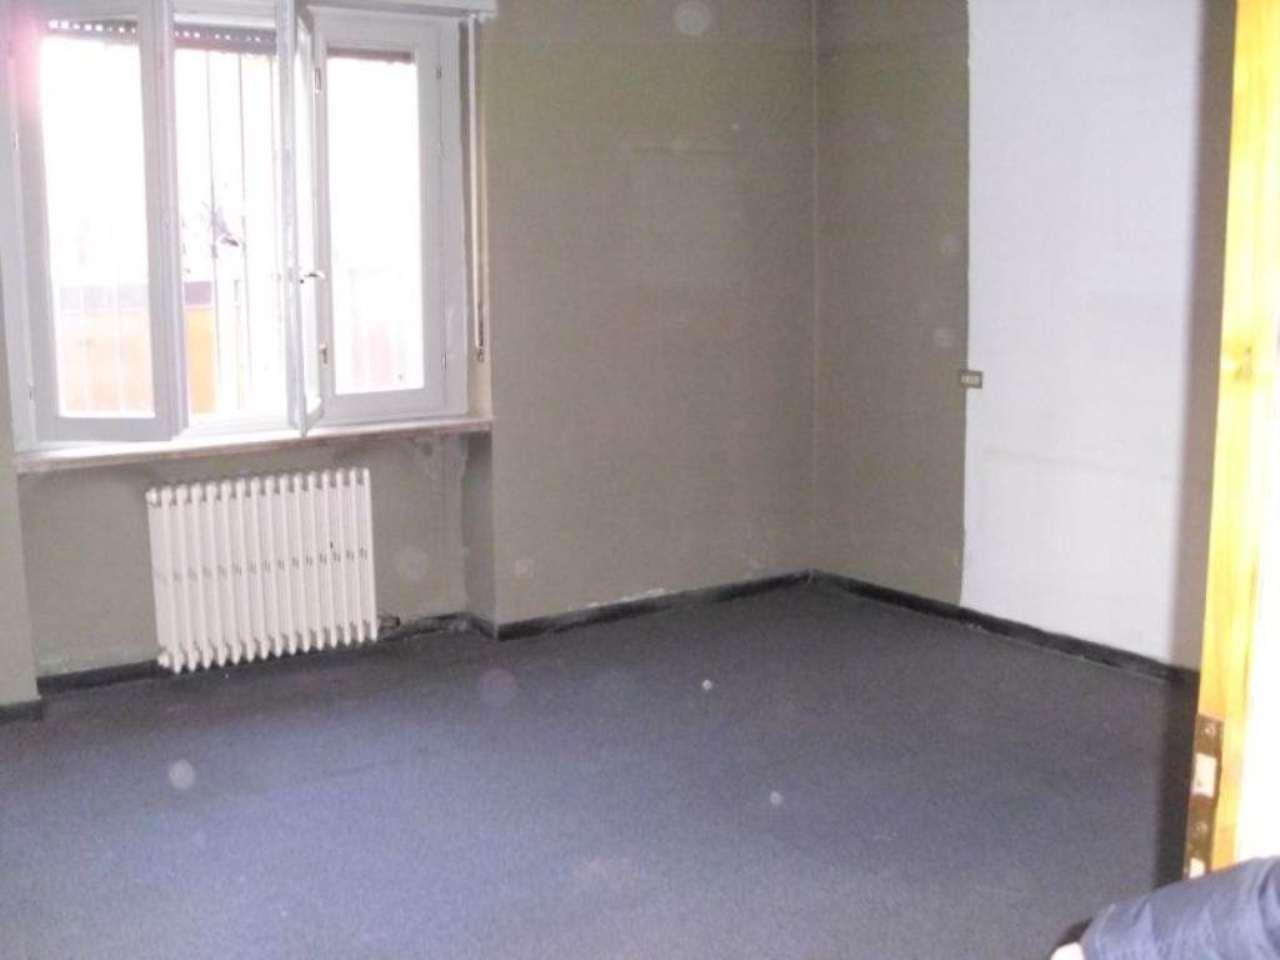 Ufficio / Studio in affitto a Romano di Lombardia, 9999 locali, prezzo € 8.500 | Cambio Casa.it